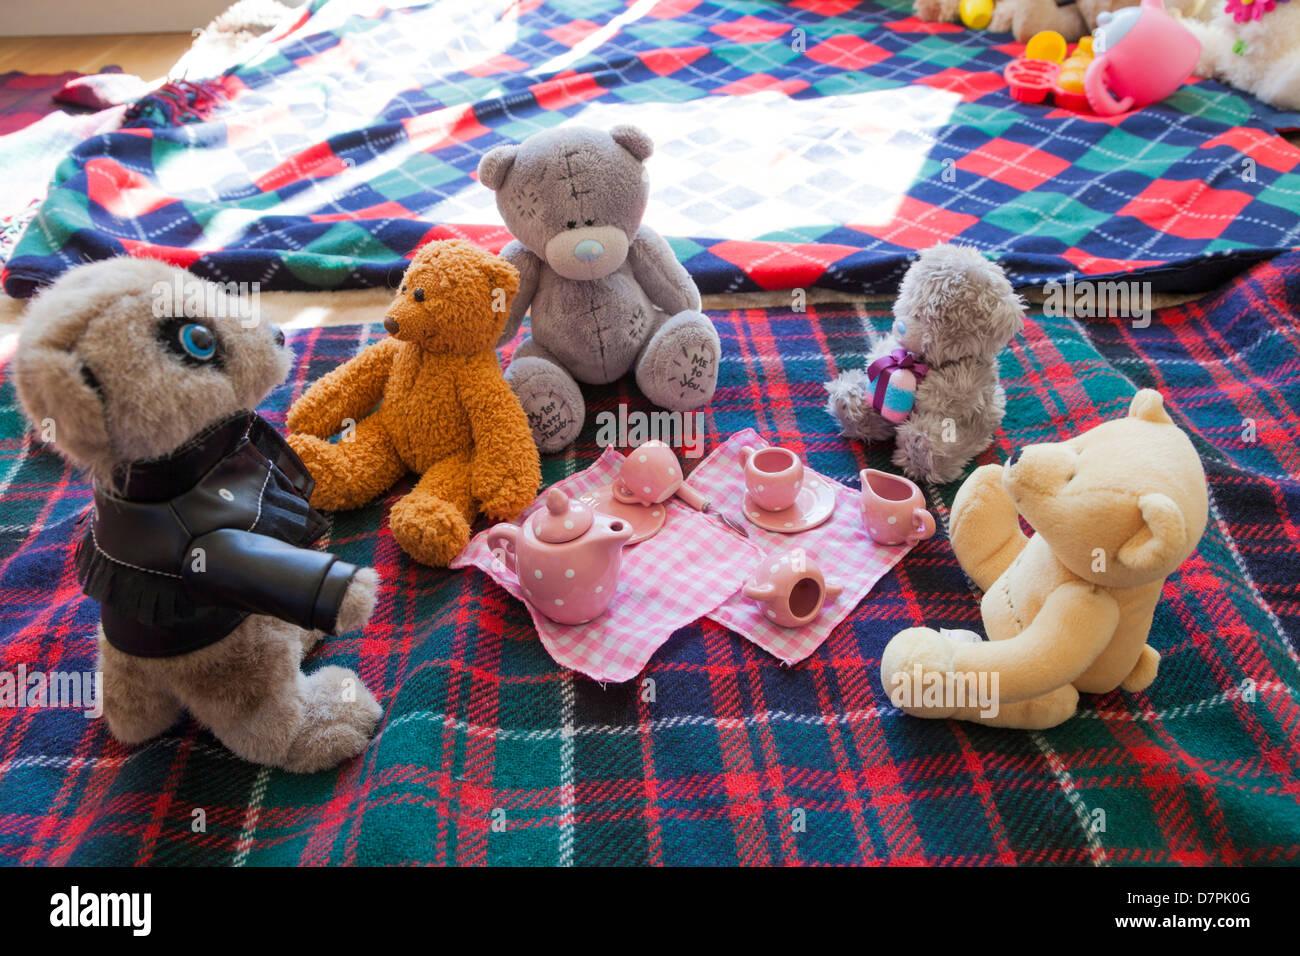 Stofftier für Kinder Teddybären Picknick auf einer Decke gesetzt. Stockbild